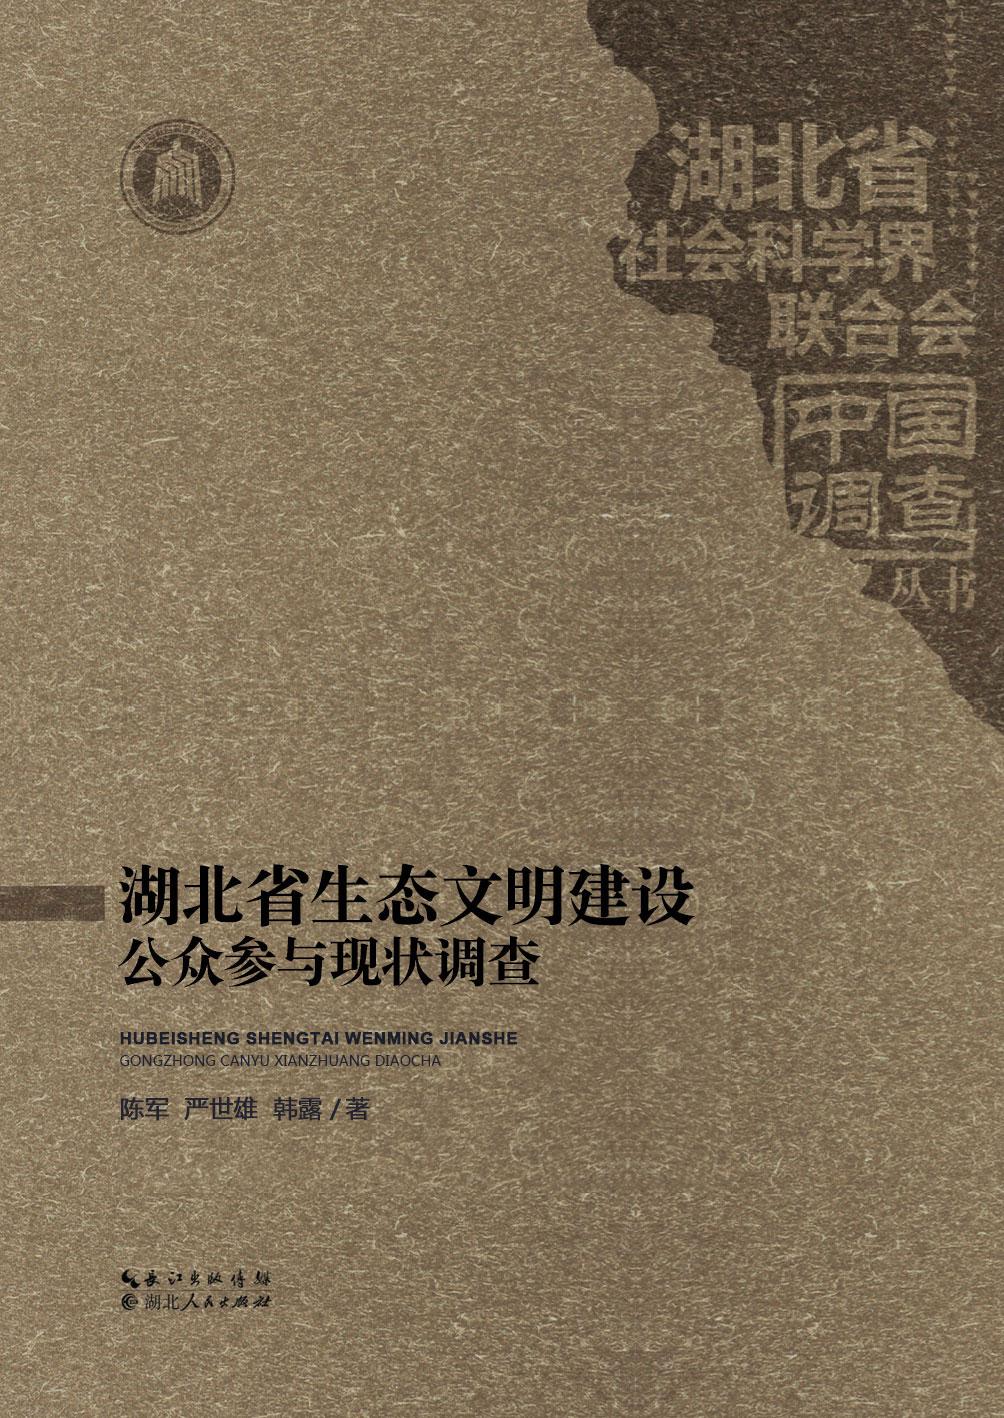 湖北省生态文明建设公众参与现状调查